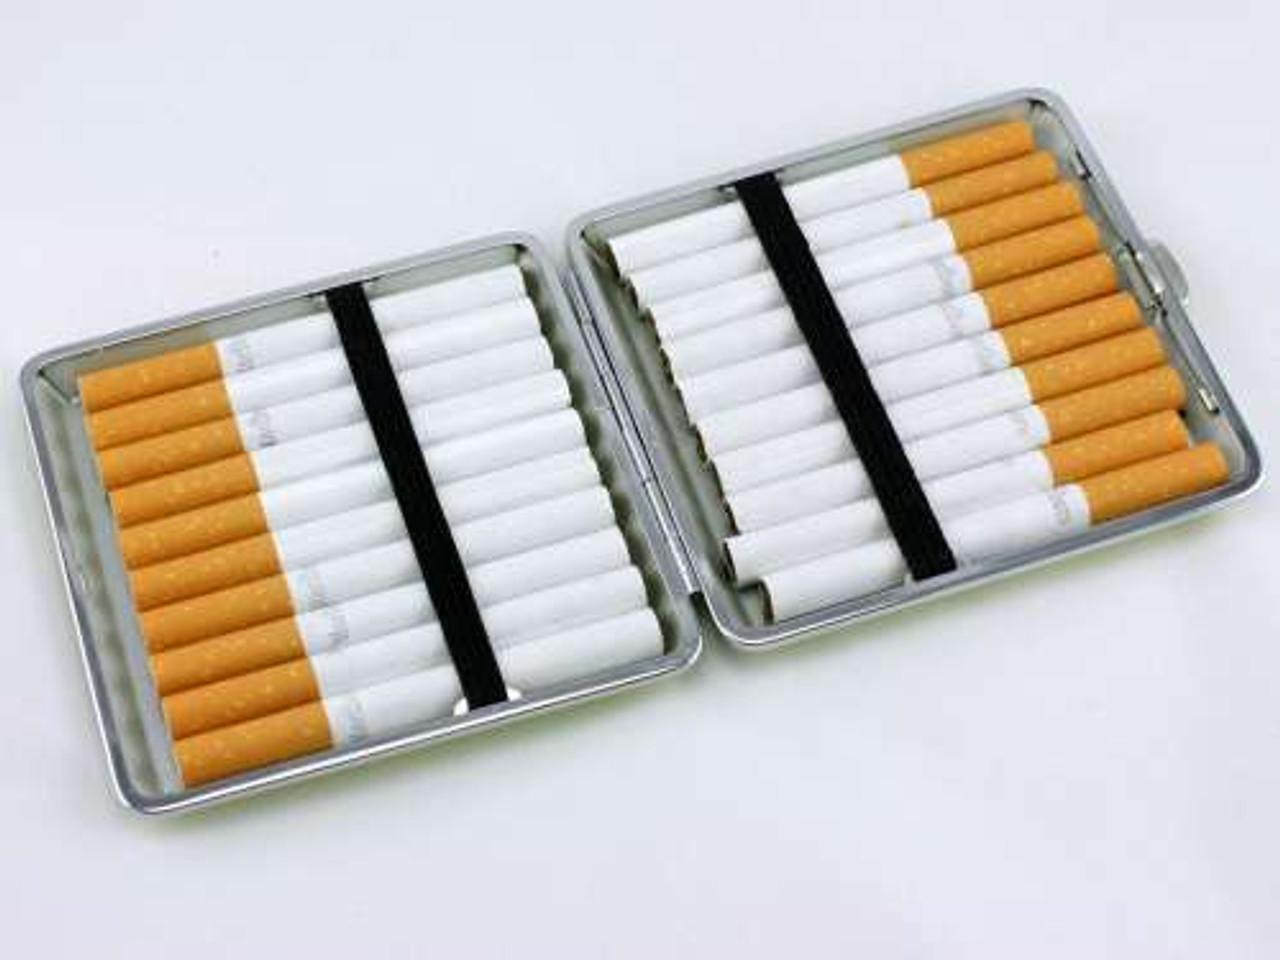 8 Ball Cigarette Case